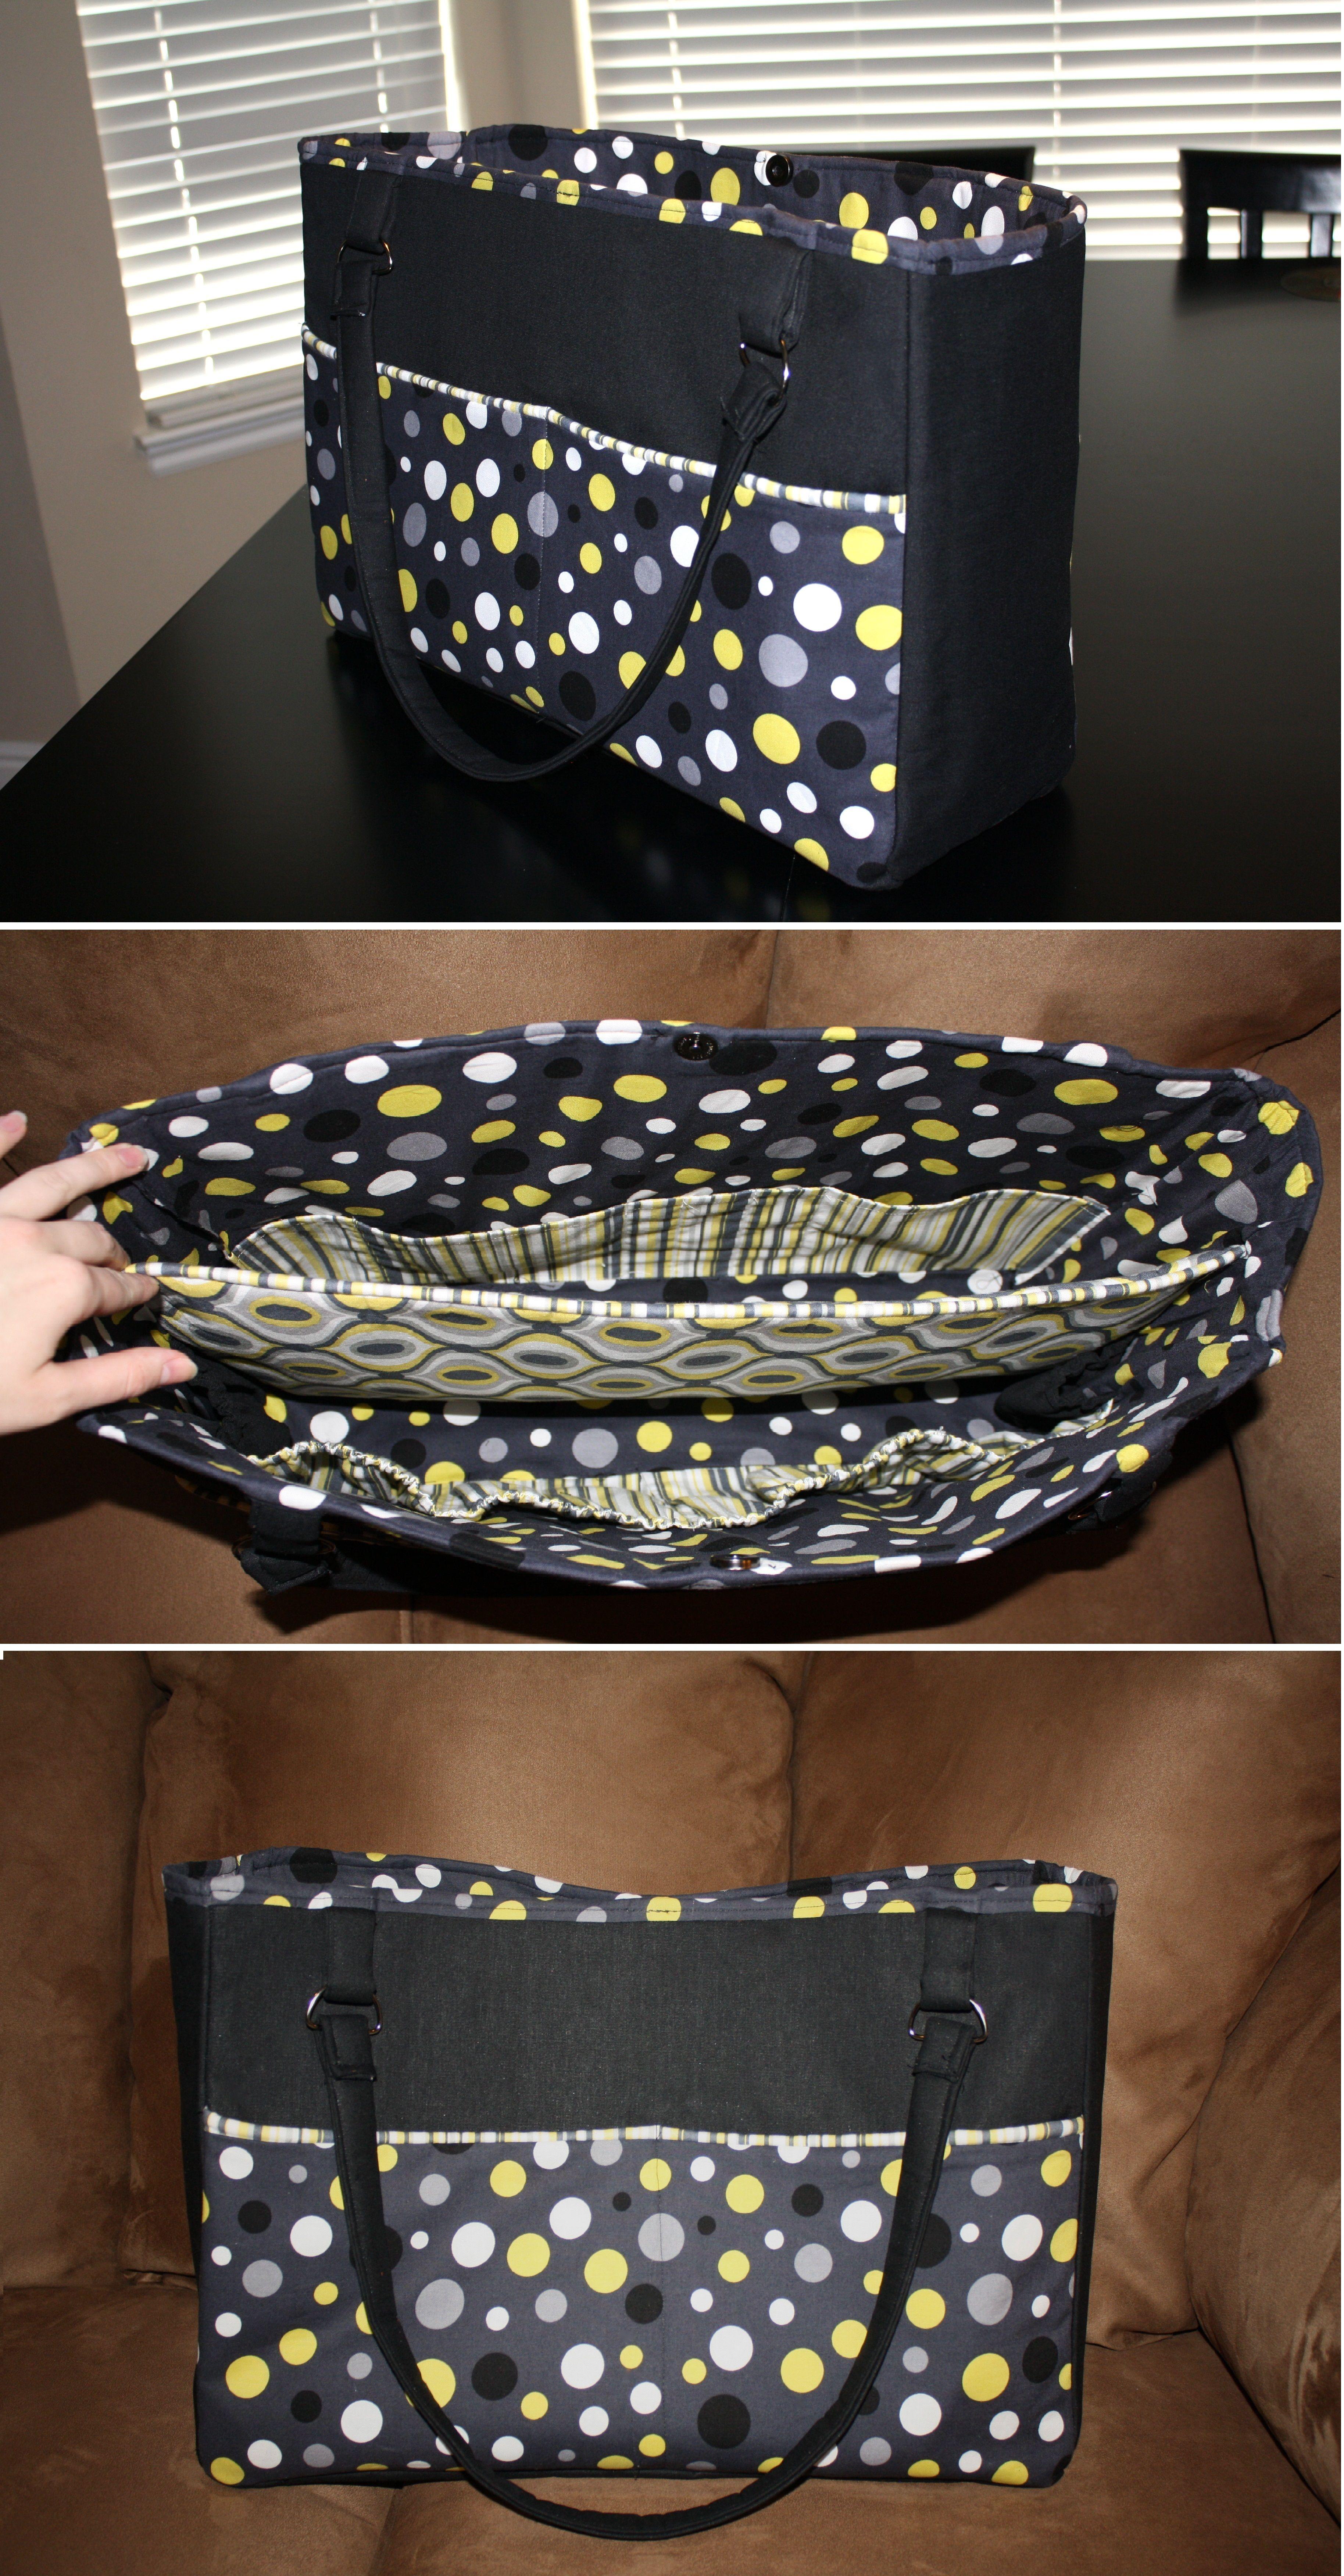 Diaper bag with a divider | Taschen nähen, Nähen und Diy tasche